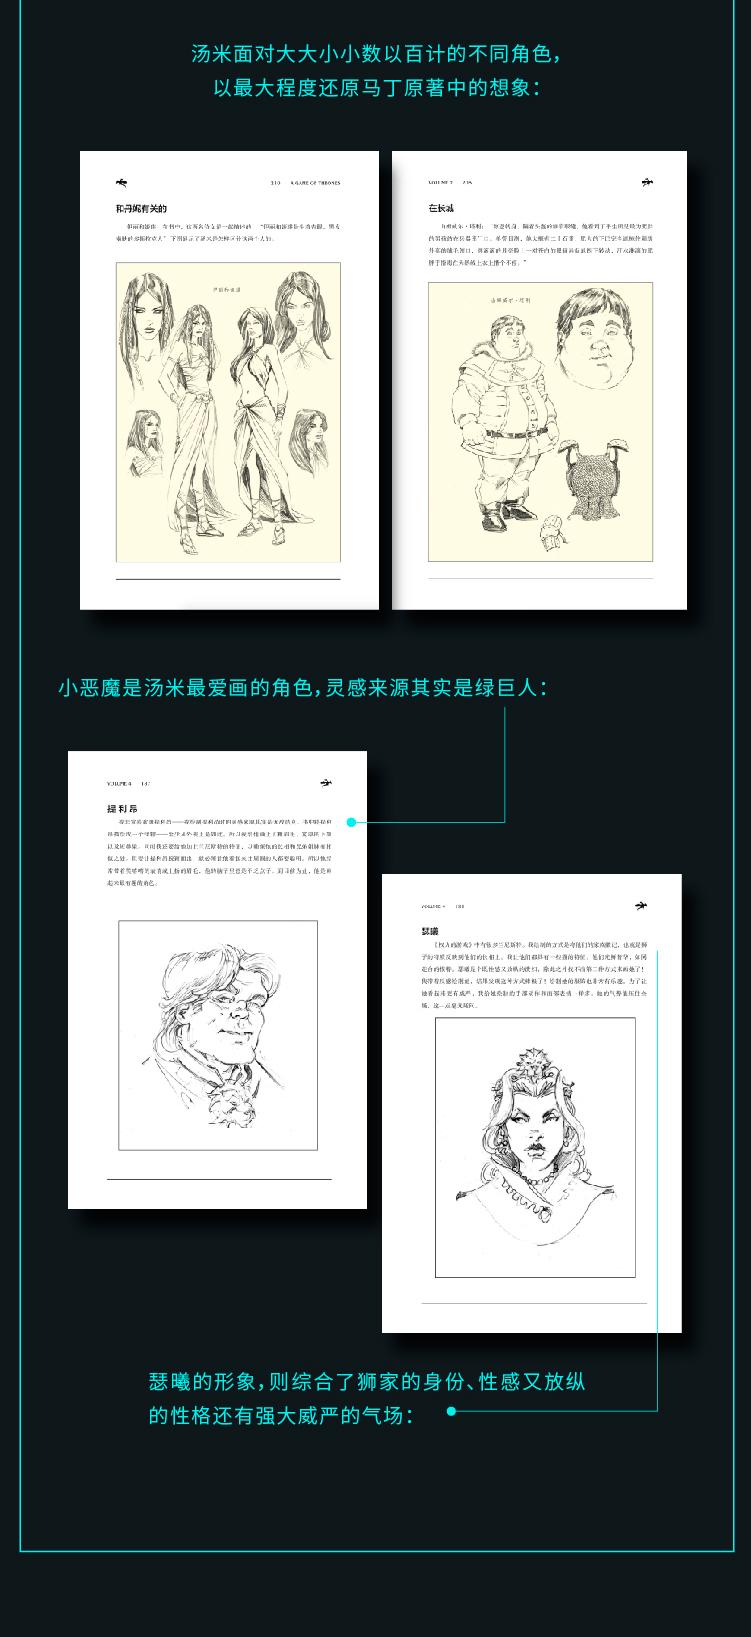 冰火众筹详情页2页22_内文_09.jpg